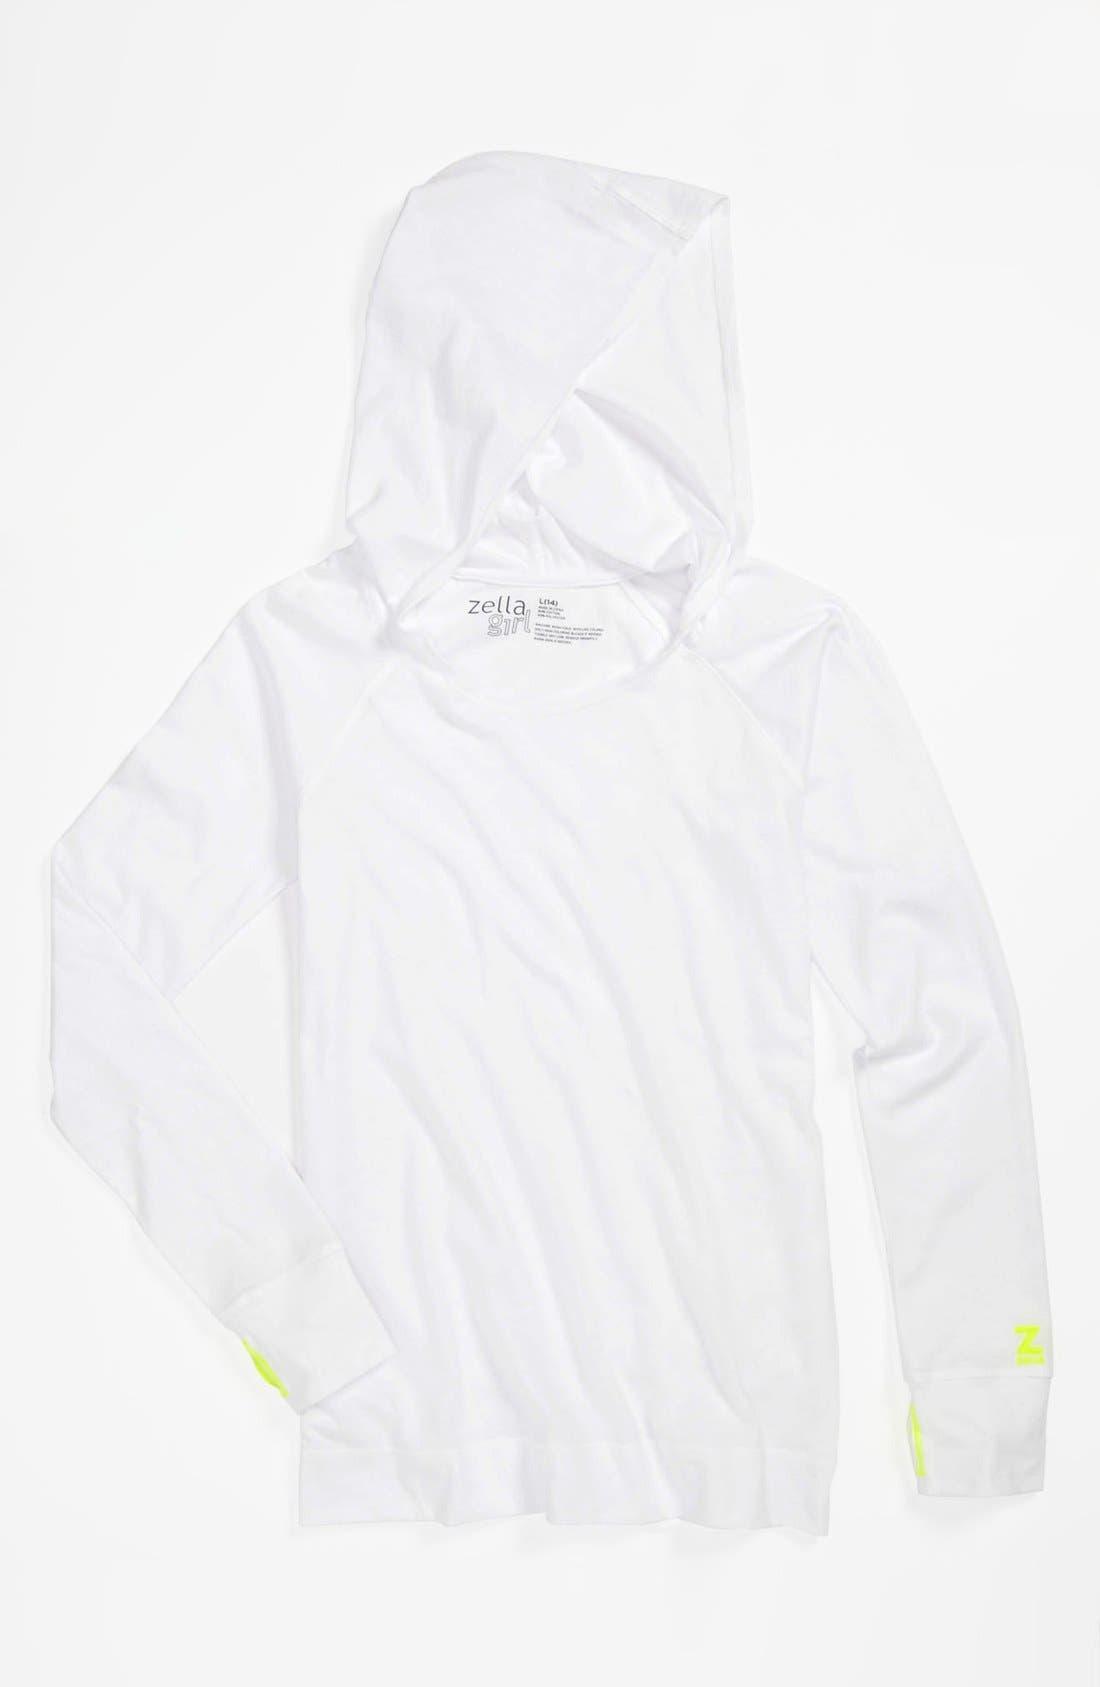 Main Image - Zella Girl 'Sporty' Hooded Tunic Tee (Little Girls & Big Girls)